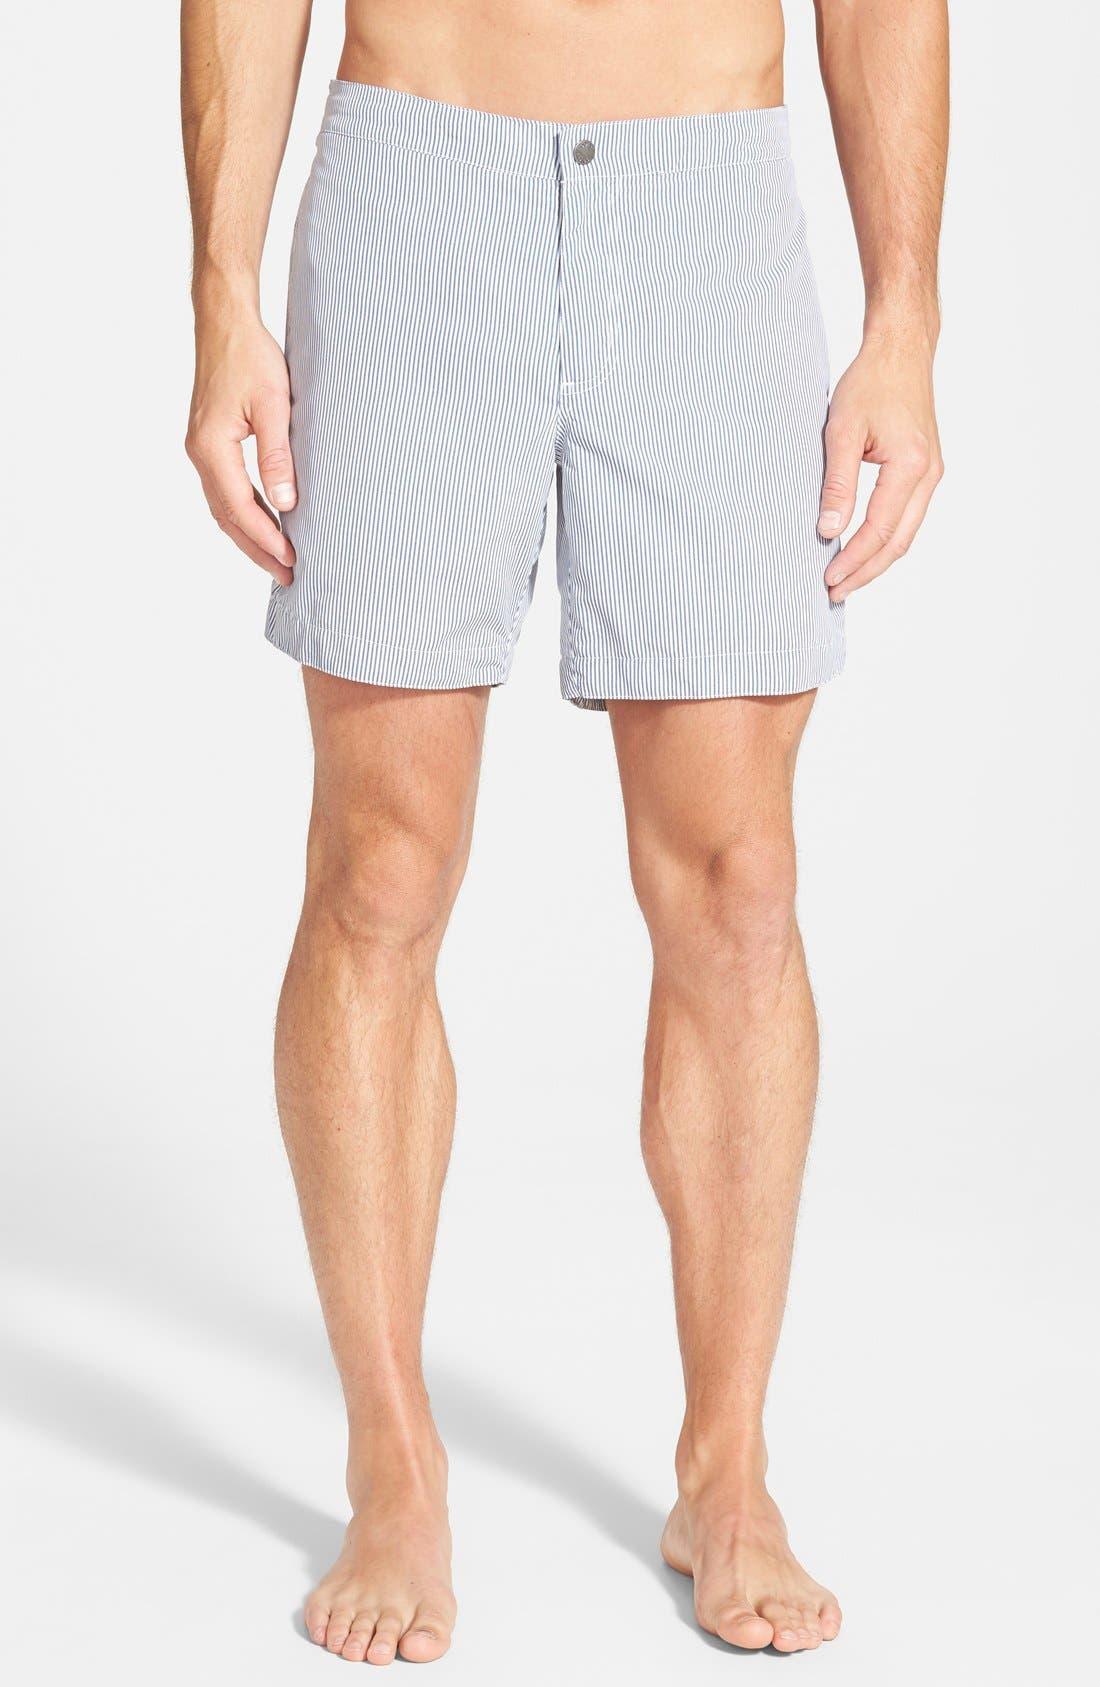 'Aruba - Stripe' Tailored Fit 6.5 Inch Board Shorts,                         Main,                         color, STRIPED ANCHOR GRAY